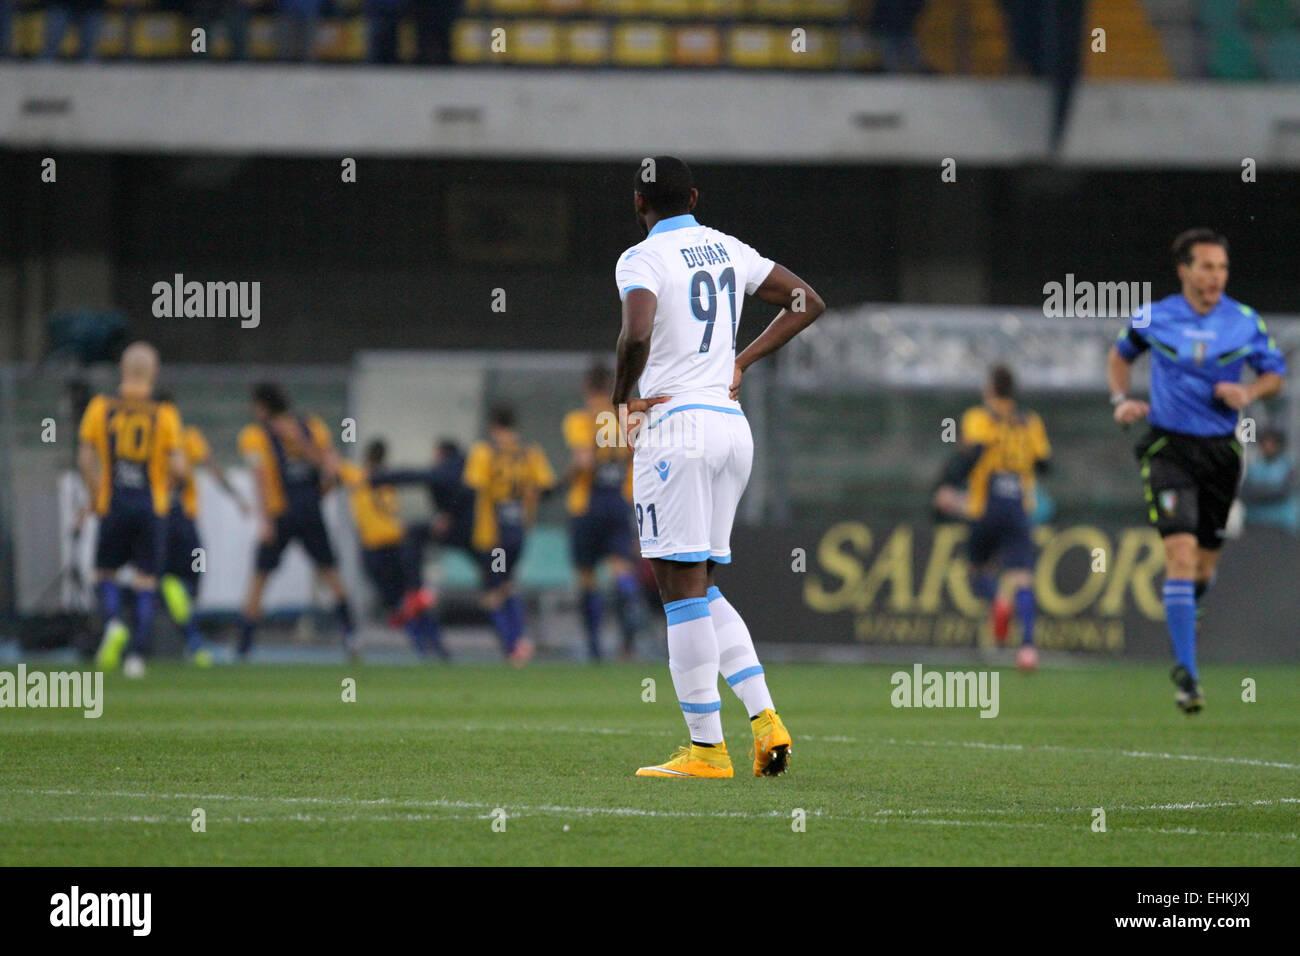 ITALY, Verona:Napoli's forward Esteban Duvan Zapata looks while Verona's players celebrates goal 1 - 0 during - Stock Image